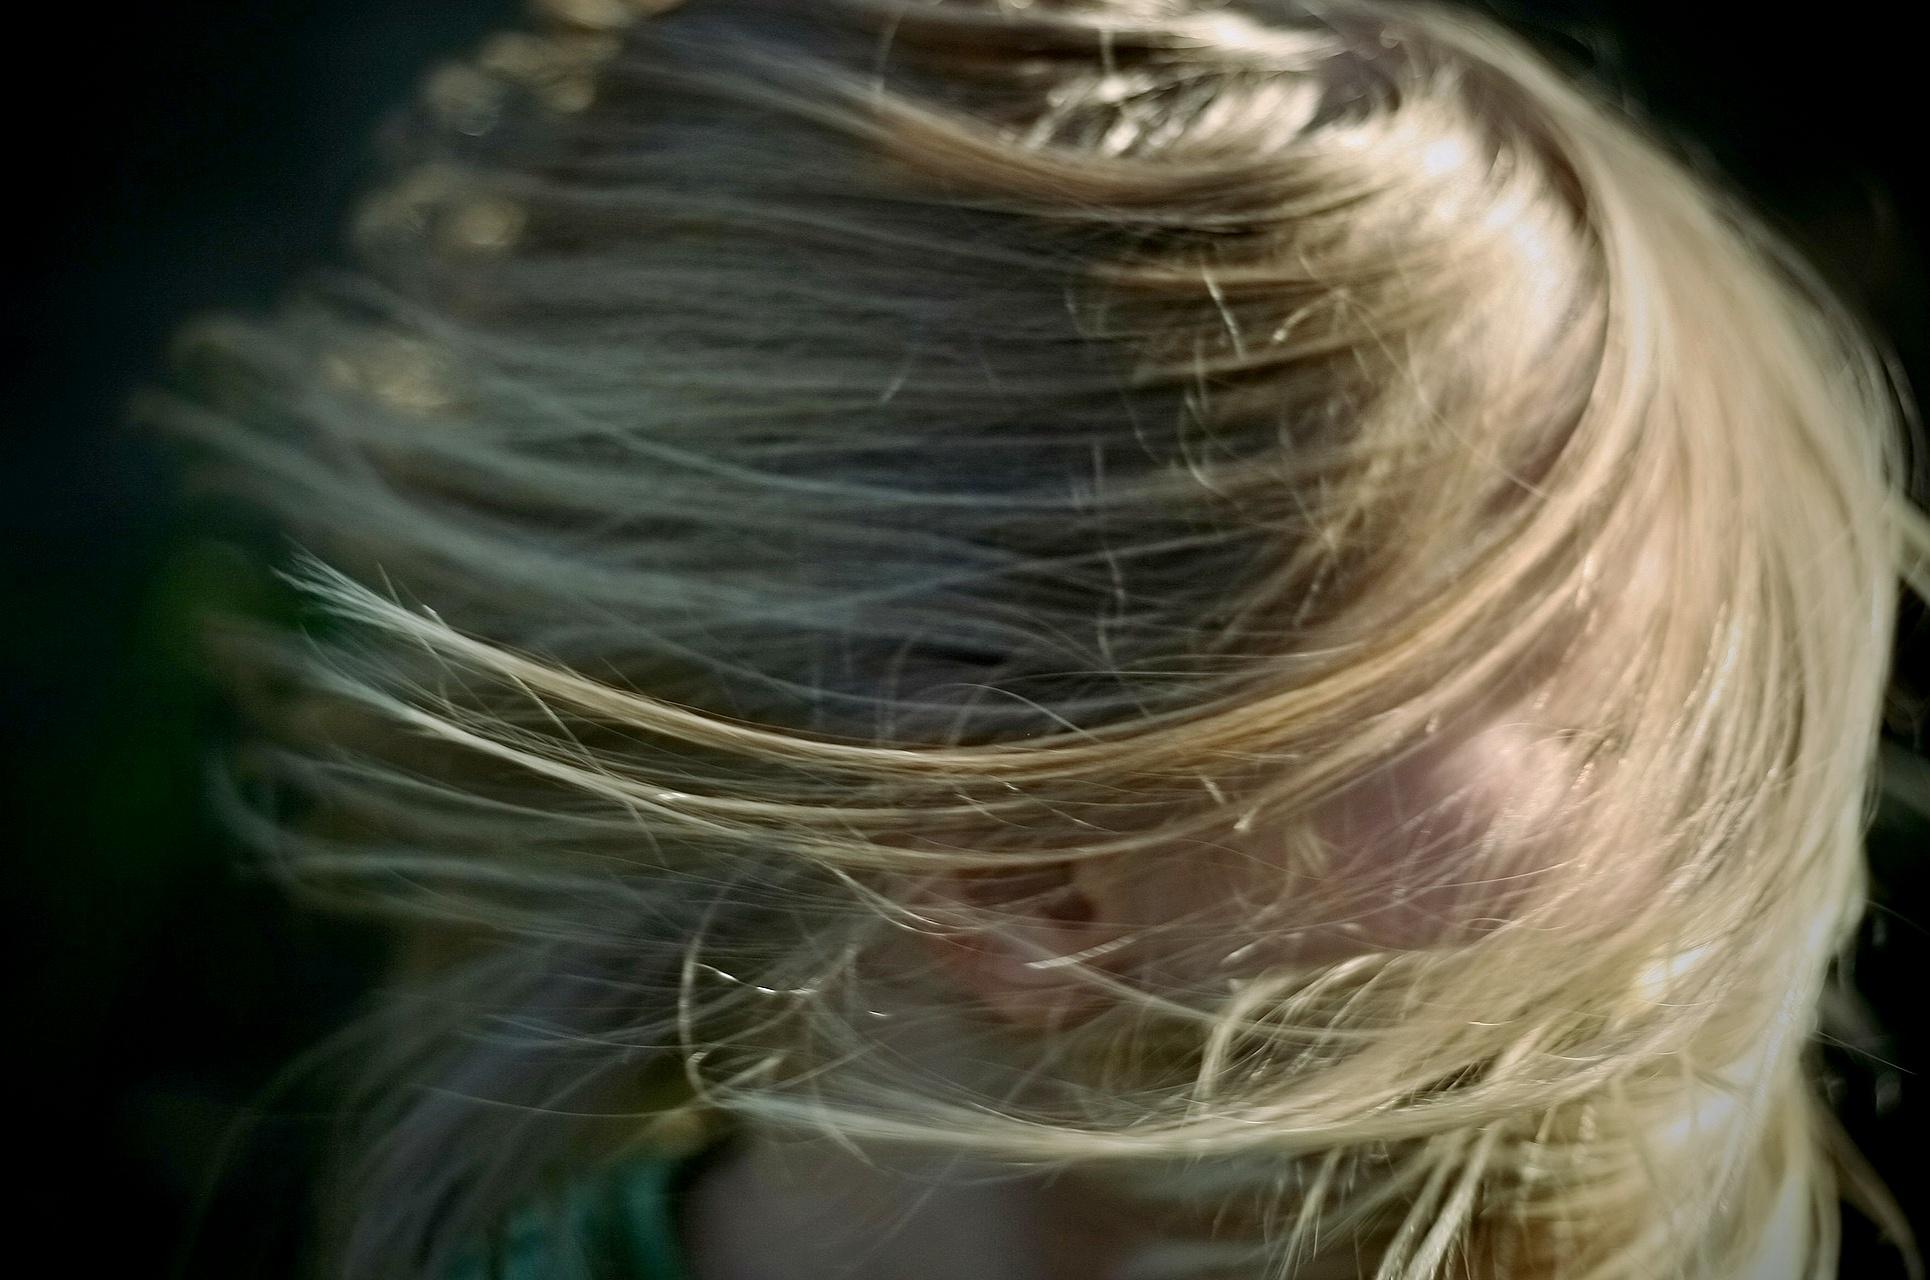 Fúkaná na vlasy. Čo všetko dokáže fén, hrebeň a vaša predstavivosť.